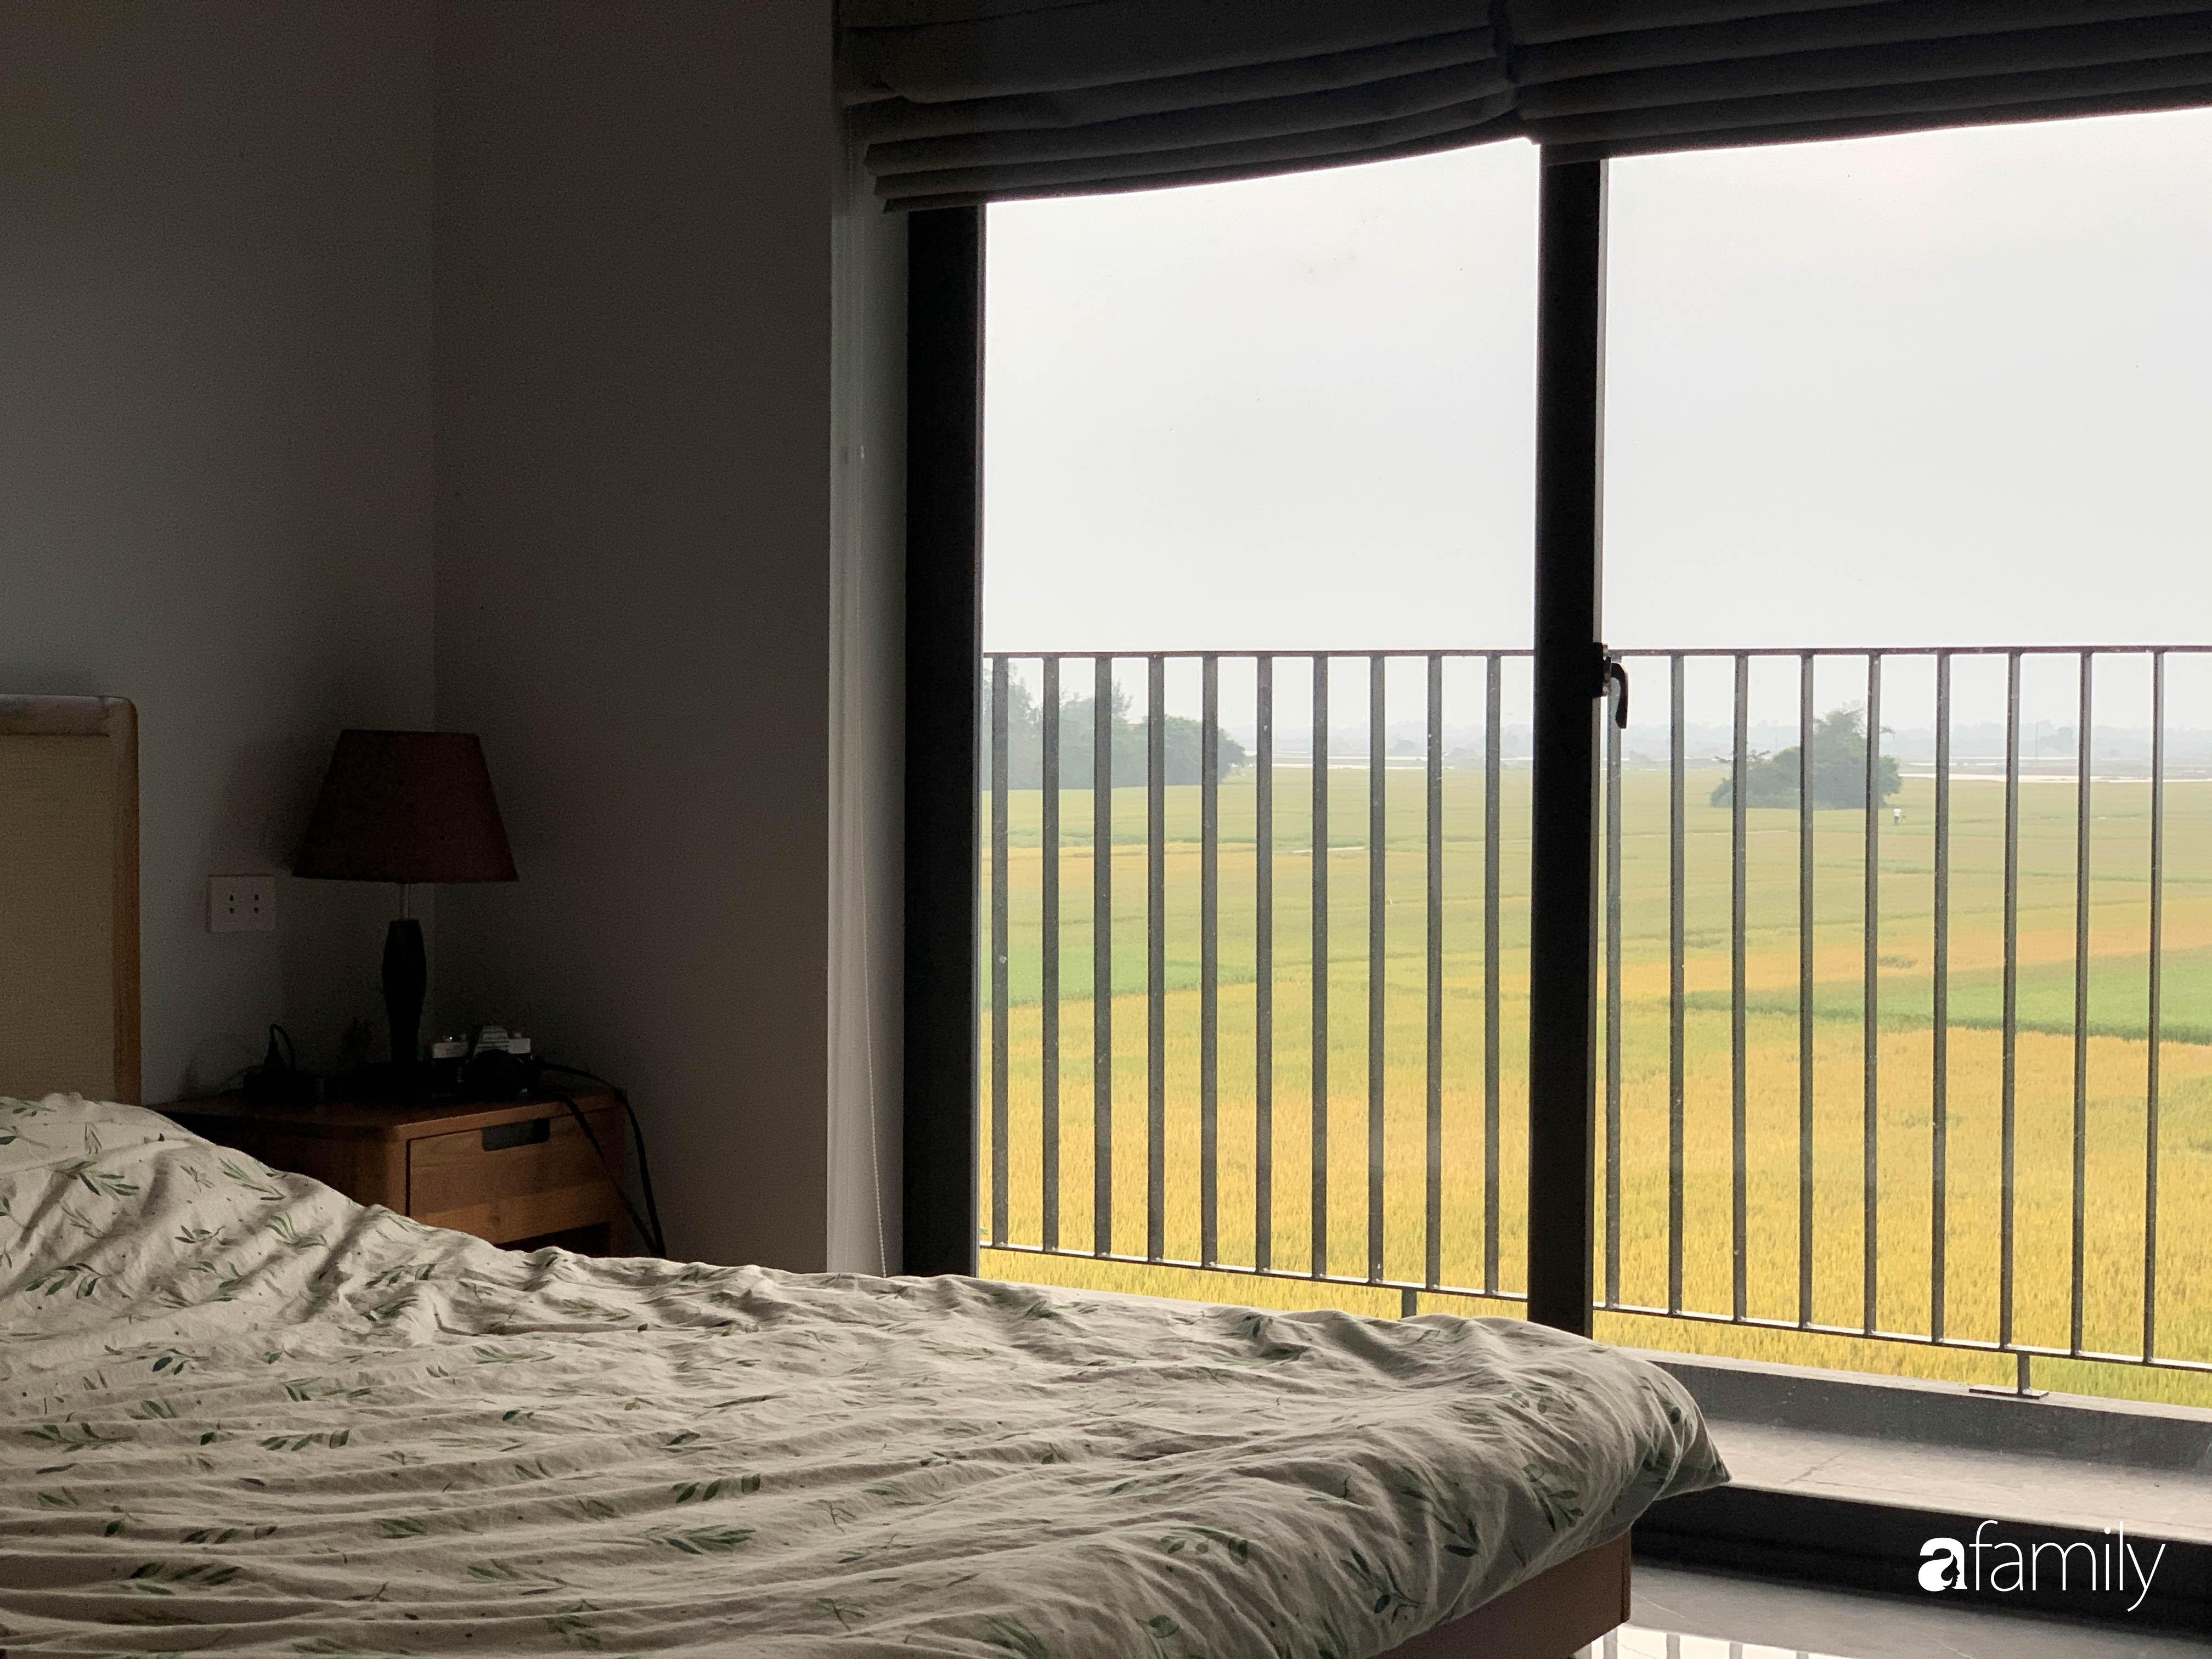 Con trai là KTS xây nhà 2 tầng nhìn thẳng ra cánh đồng lúa với thiết kế tiện dụng cho bố mẹ già ở Hà Tĩnh - Ảnh 19.